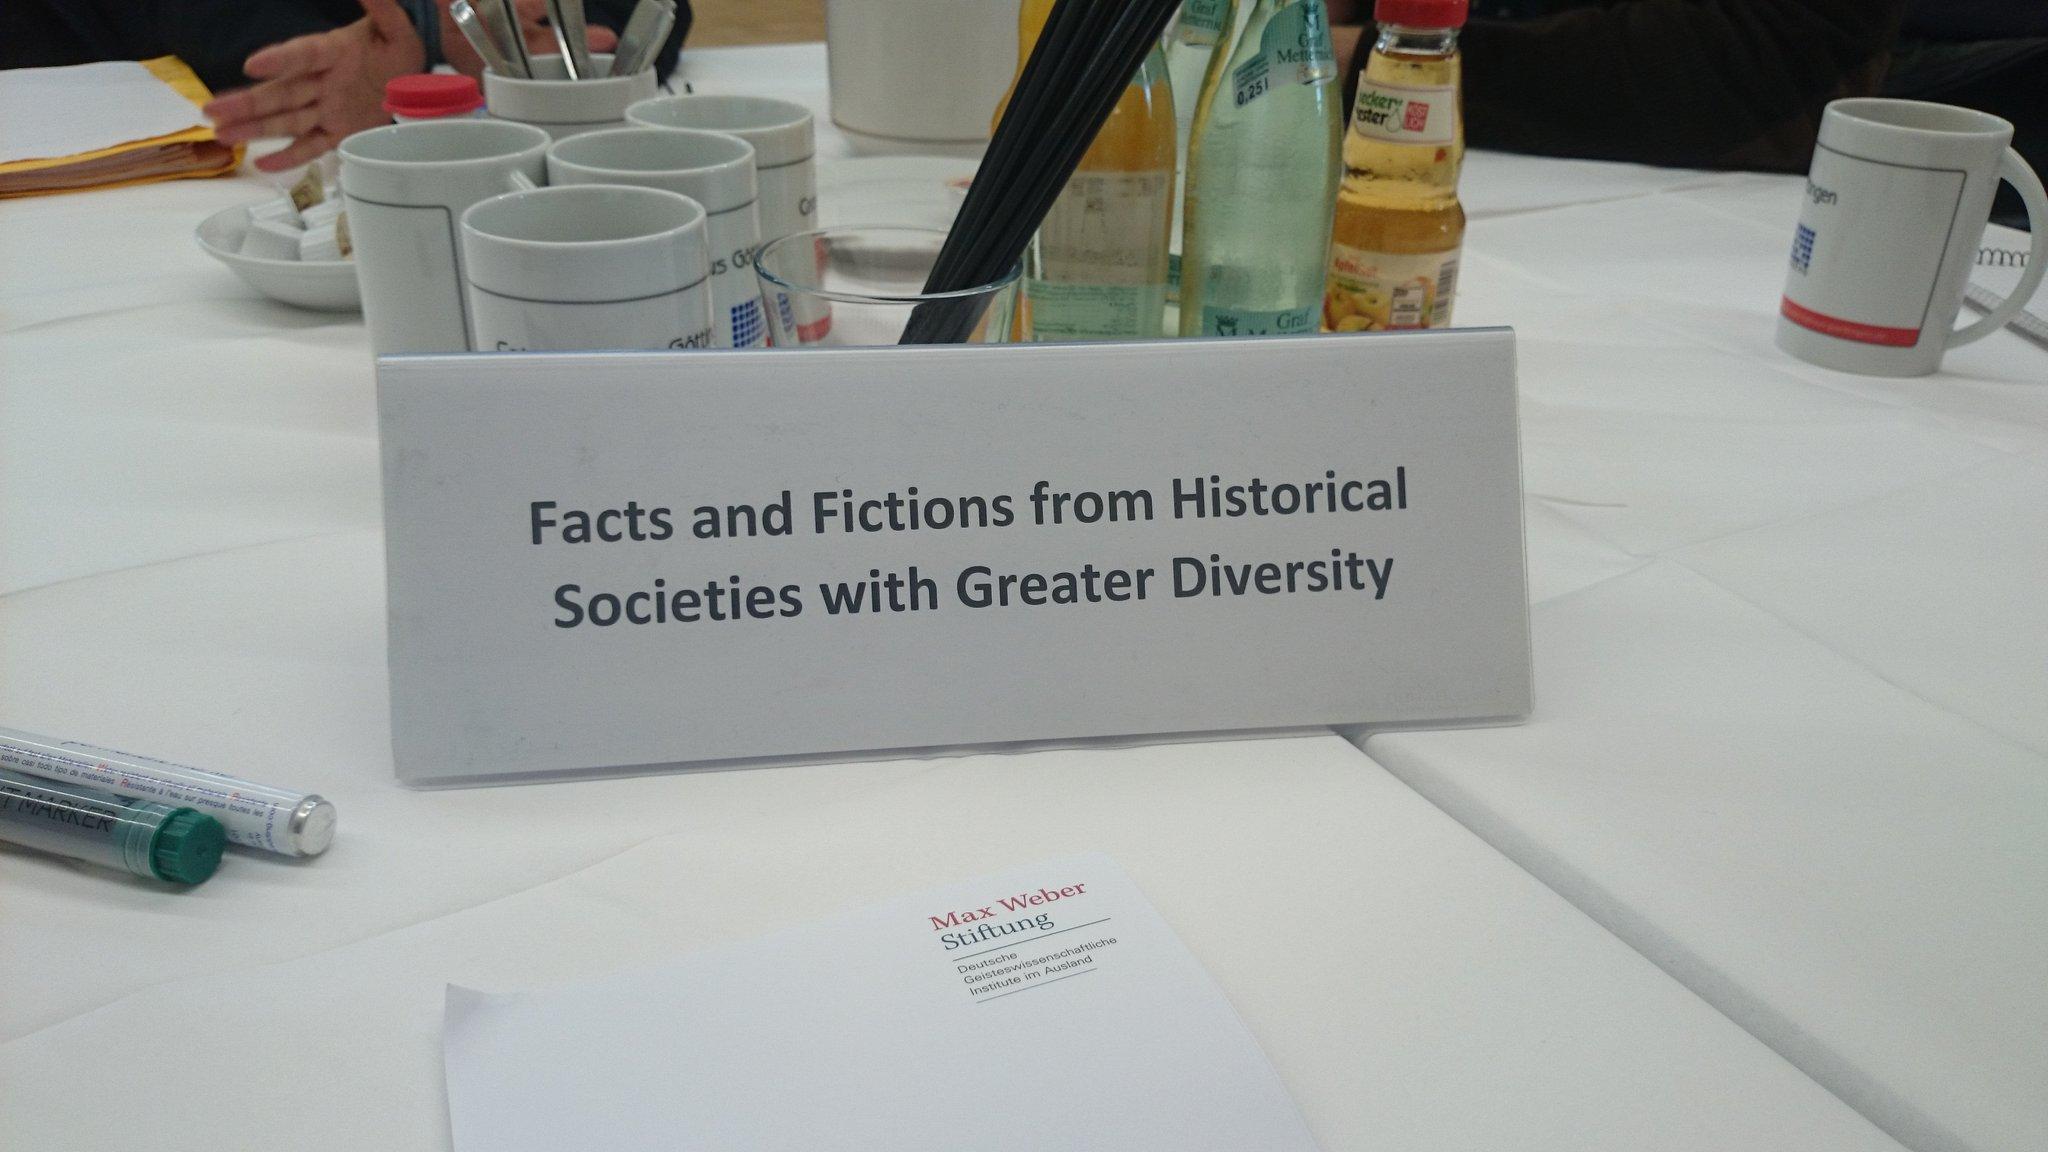 Gab es wirklich diverse Gesellschaften in der #Geschichte? Wir starten mit steilen Thesen ins #weberworldcafe :-) https://t.co/nuKaoEPgjM